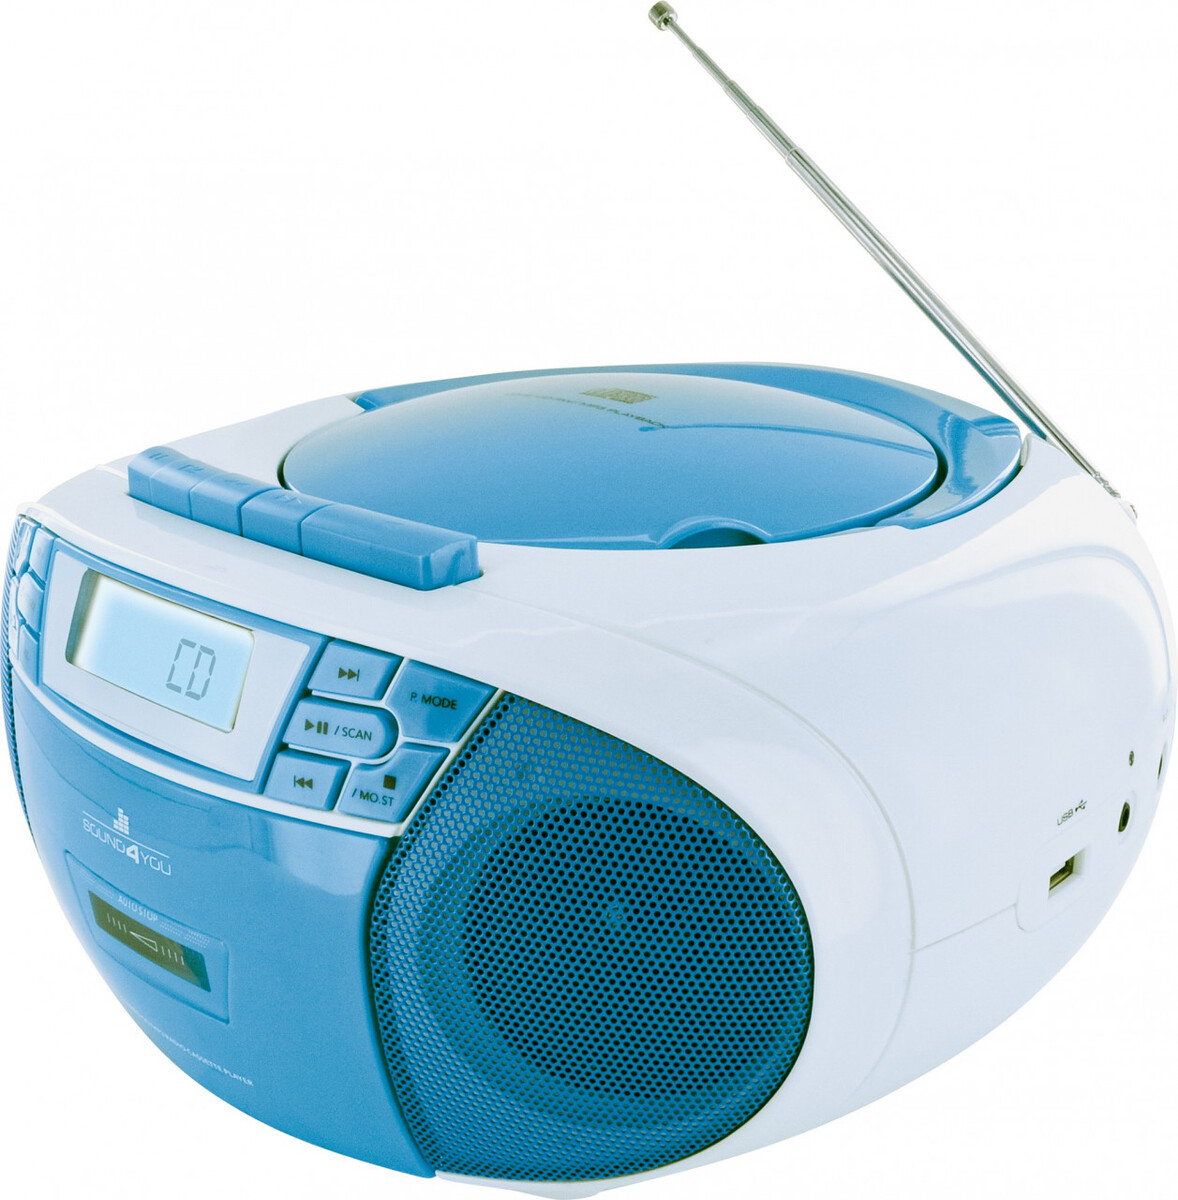 Bild 2 von Schwaiger Tragbarer CD-Player mit Kassettendeck und FM Radio, blau